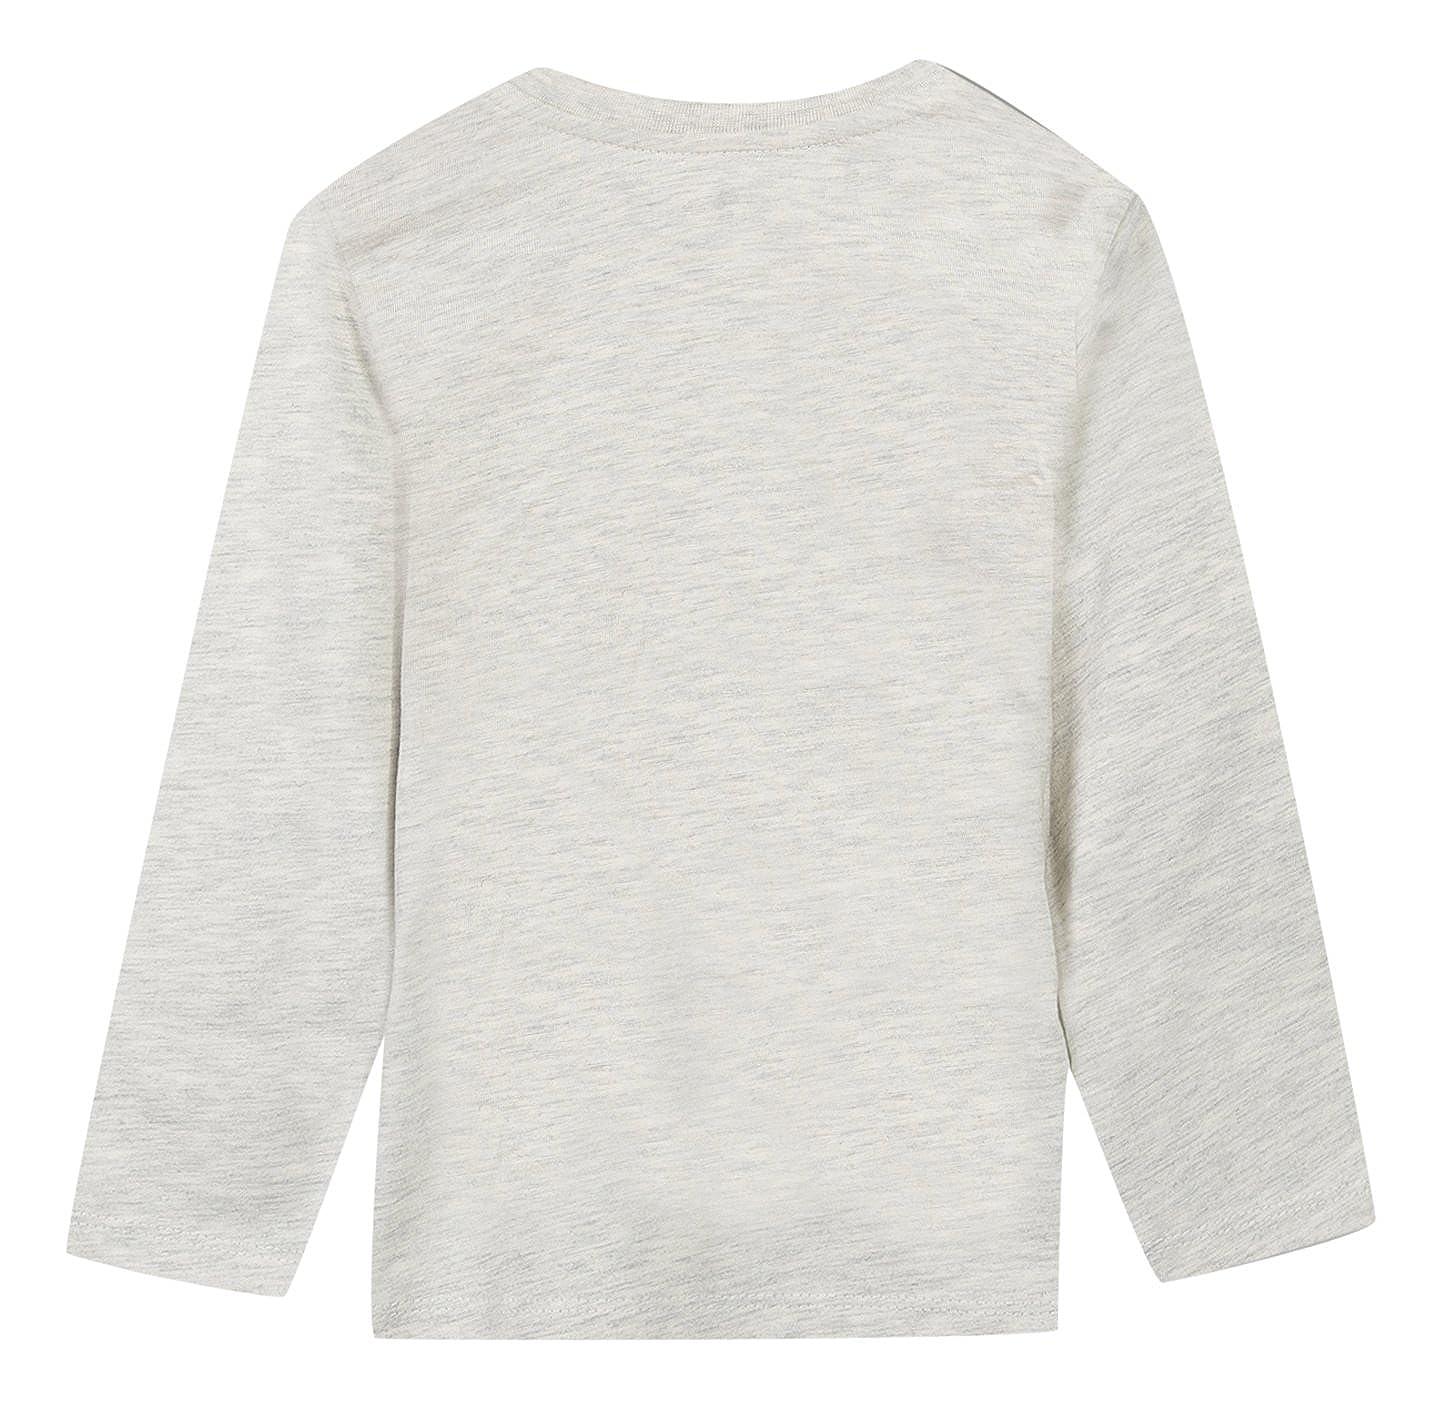 T-Shirt B/éb/é Gar/çon Grain de Bl/é Texte Fantaisie Gris